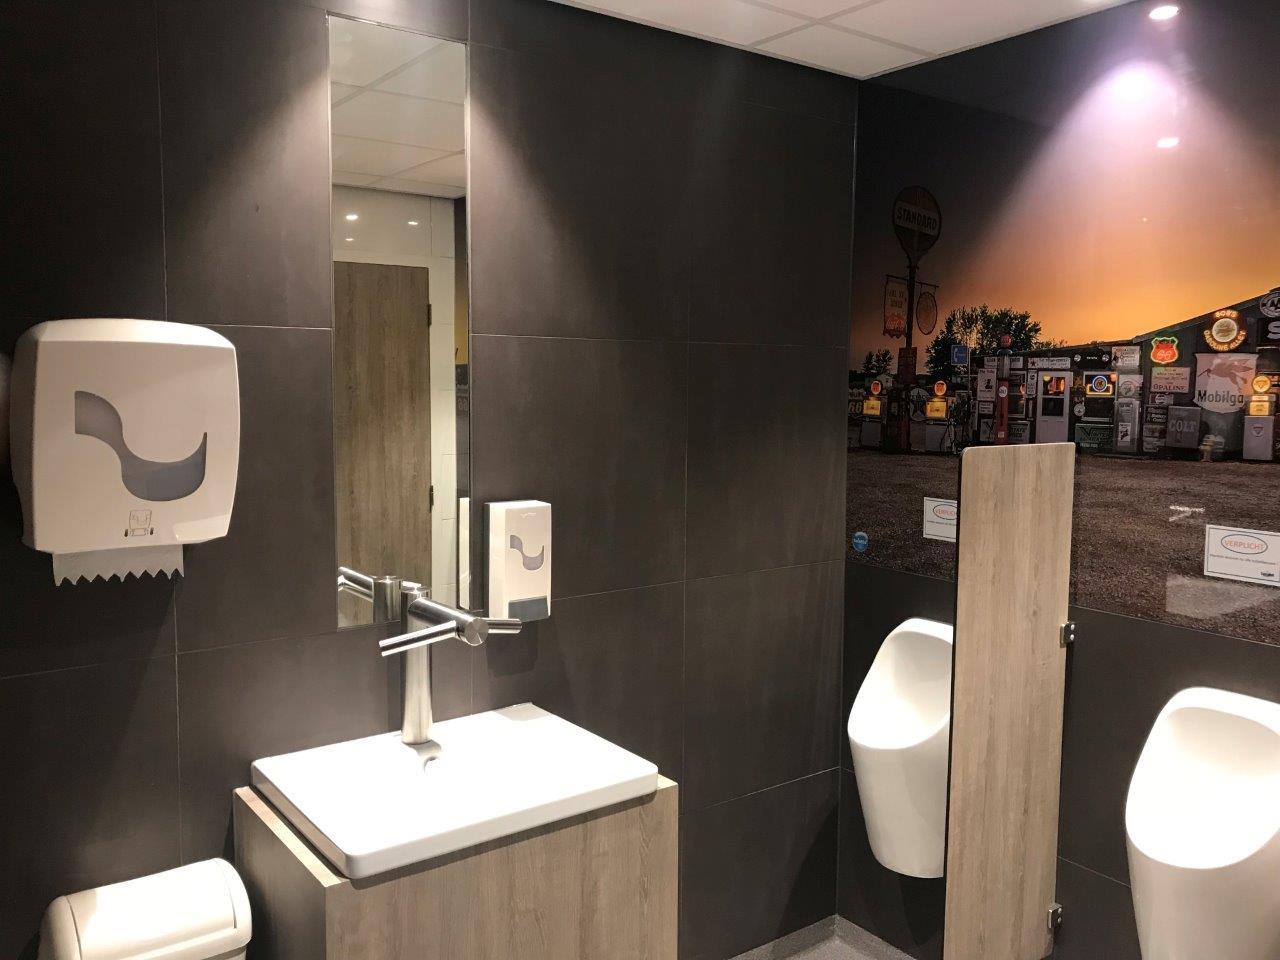 Toletto toiletten Truckstop 26BIS Heusden 3